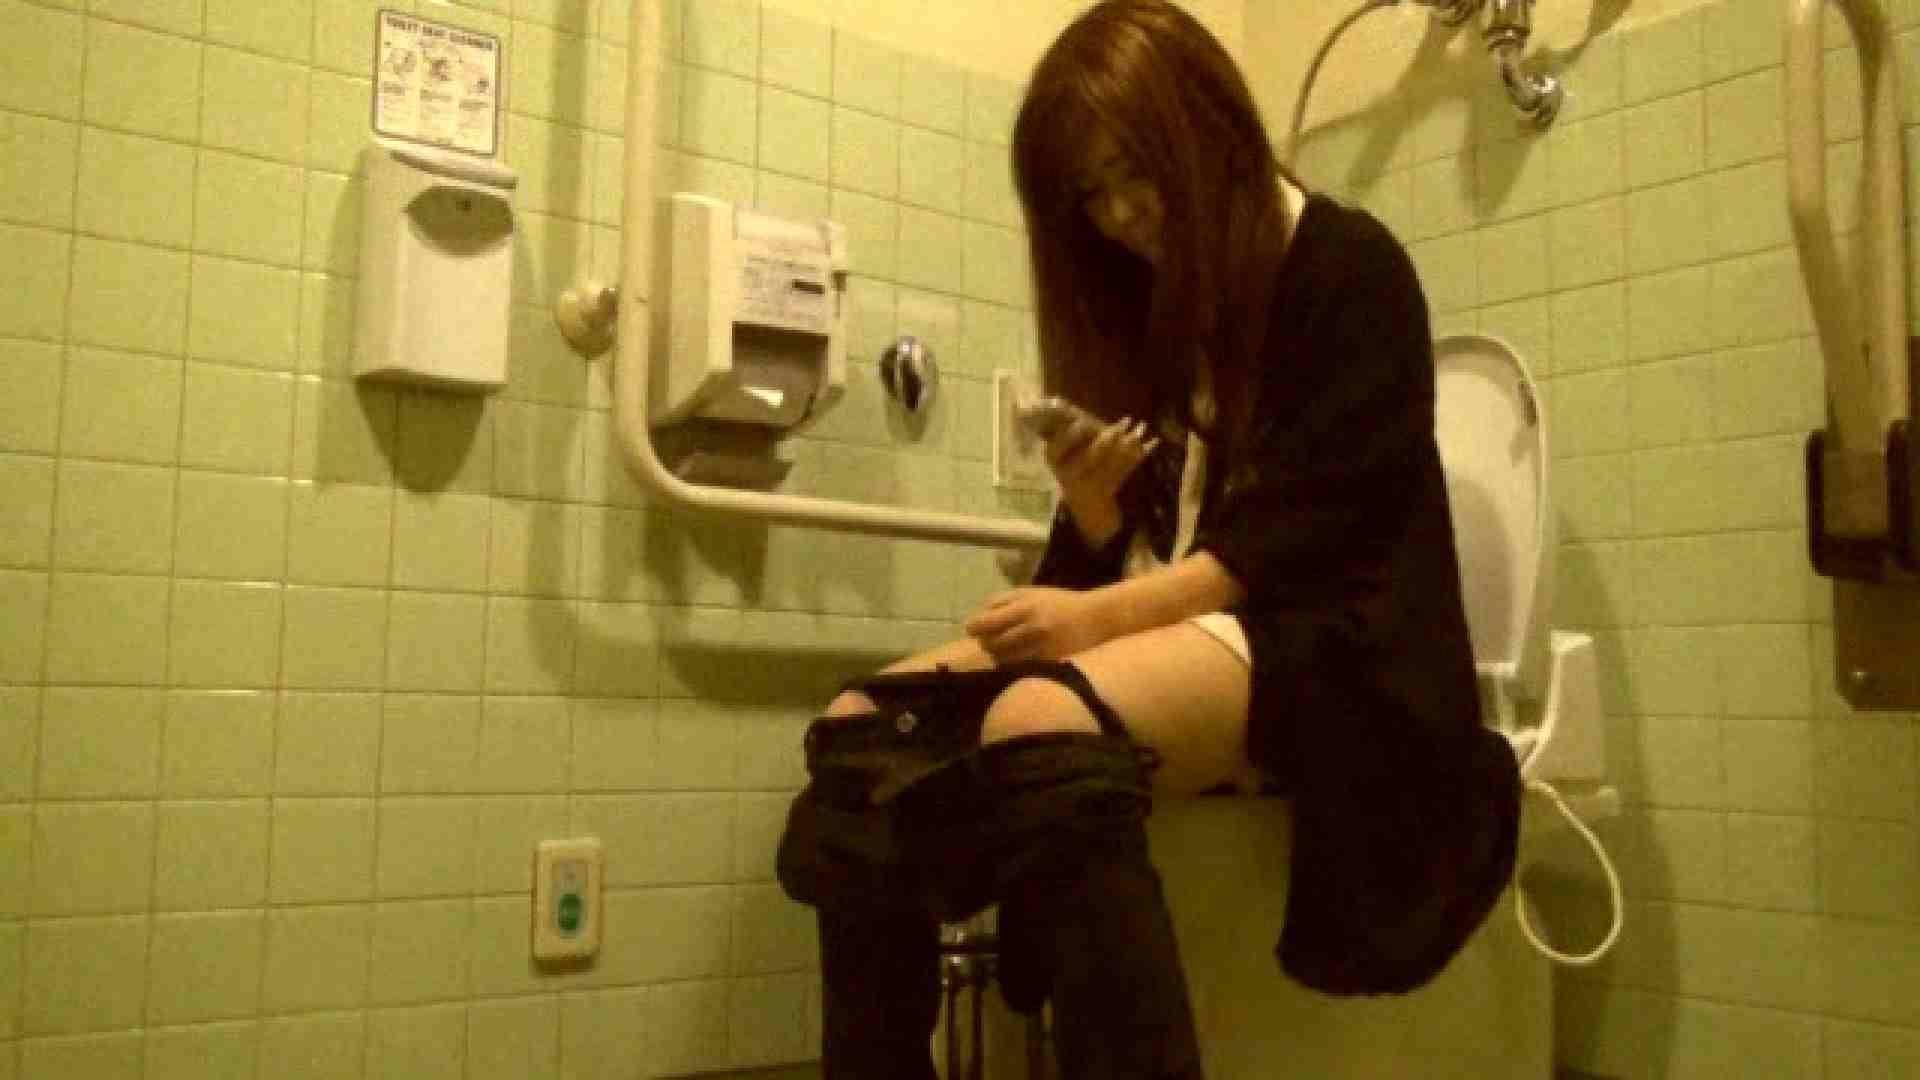 魔術師の お・も・て・な・し vol.26 19歳のバーの店員さんの洗面所をしばし… OLの実態  90pic 66